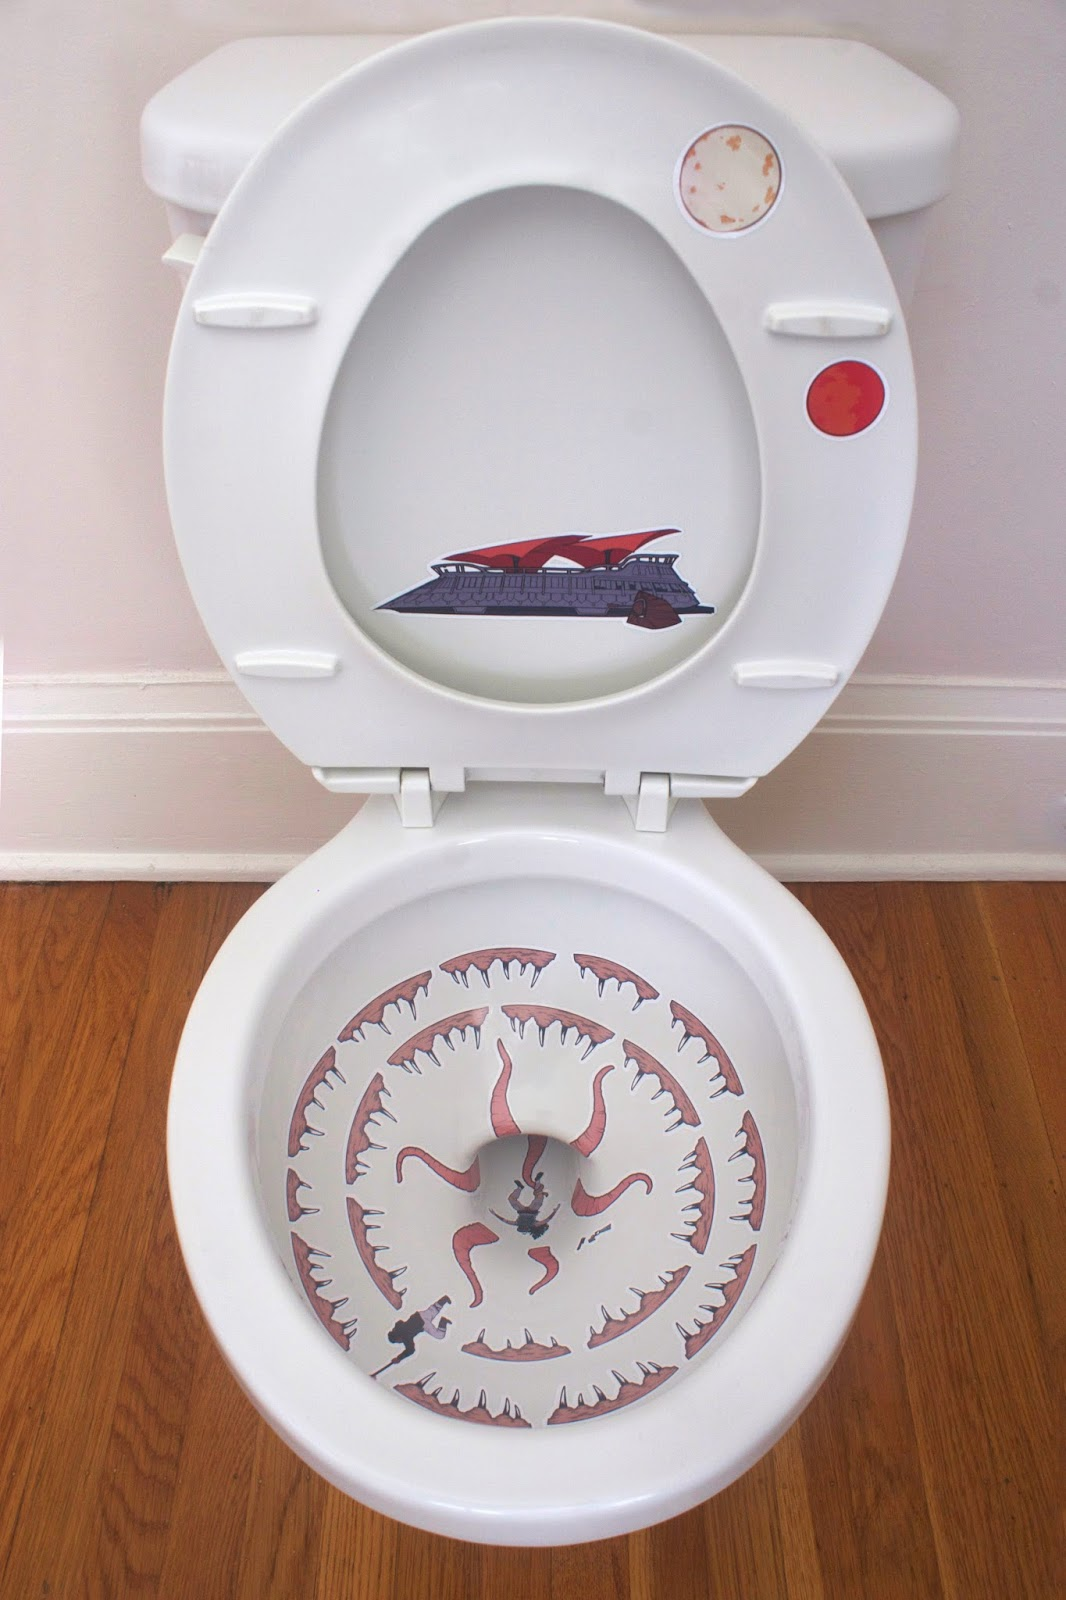 Mika Rane: Toilet Sarlacc